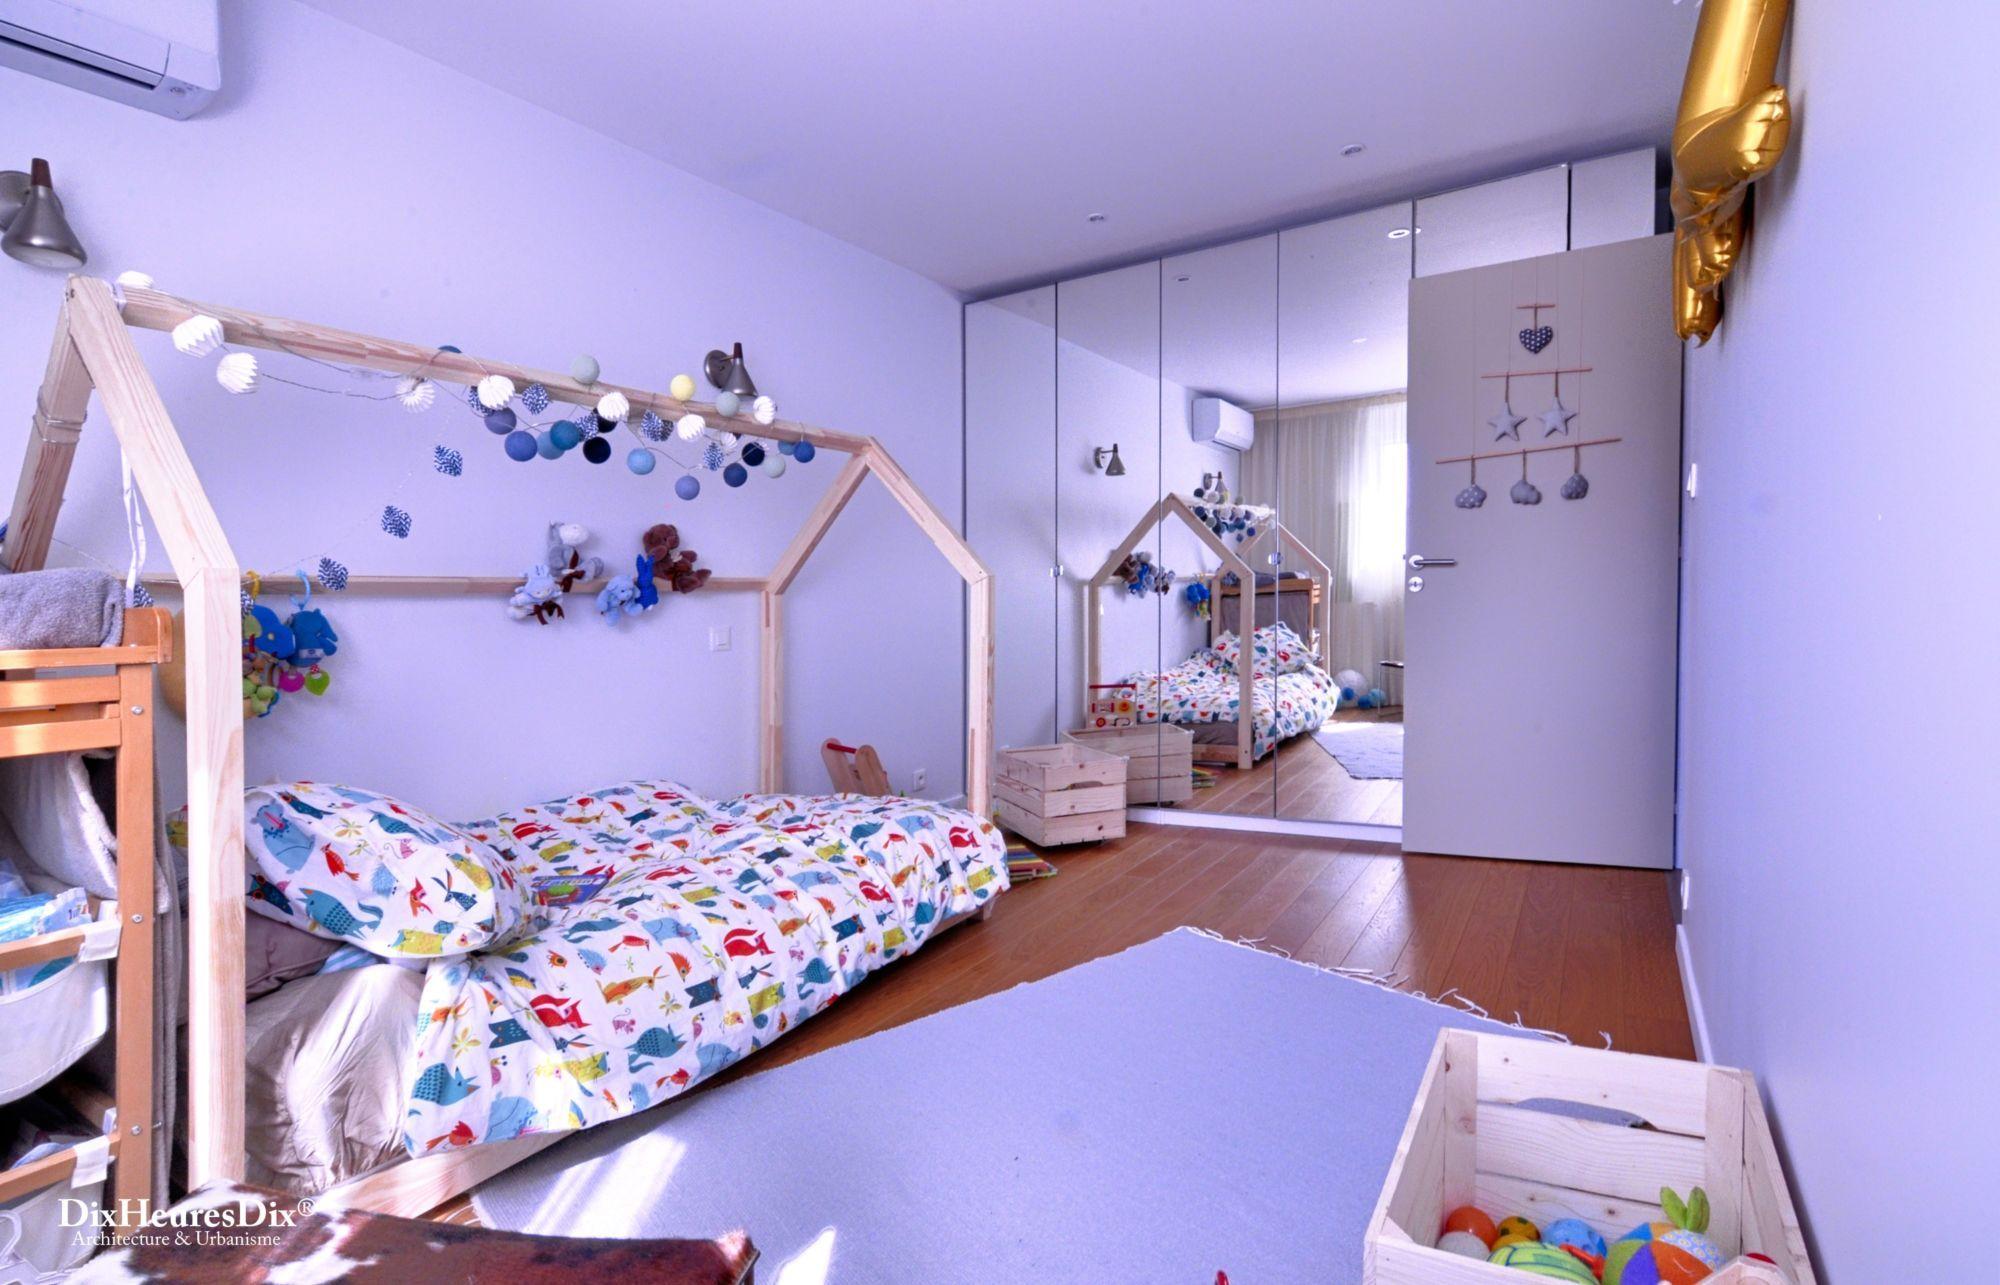 Chambre pour jeune enfant coloré et porte ouverte